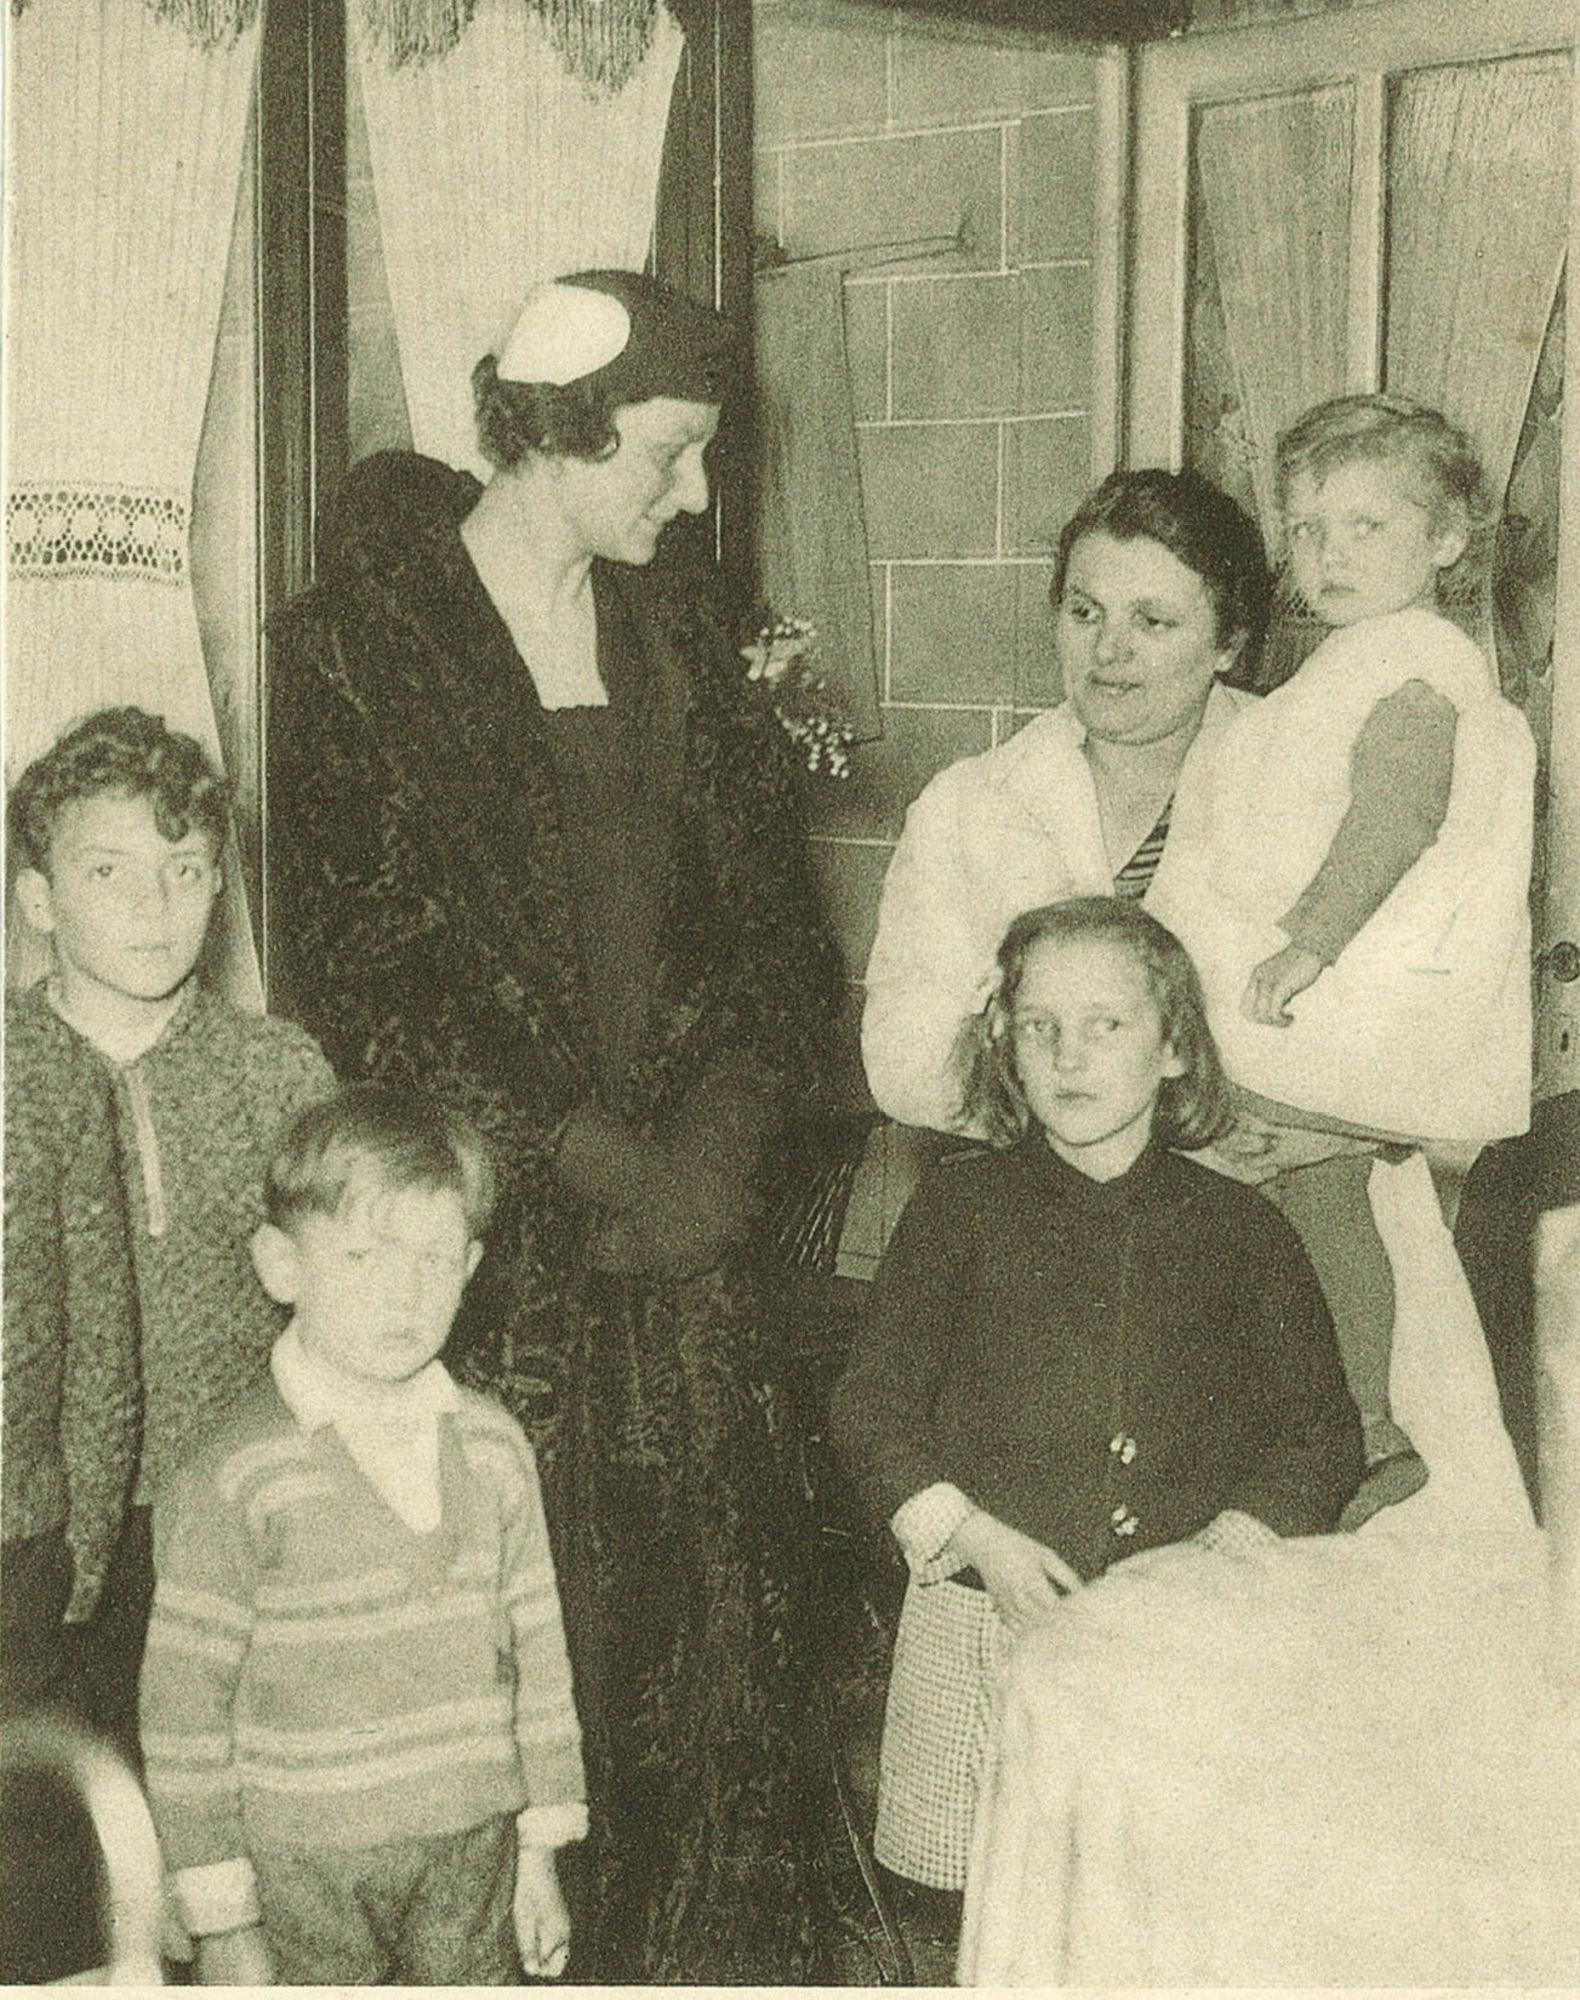 Koningin Astrid bij familie Deprez